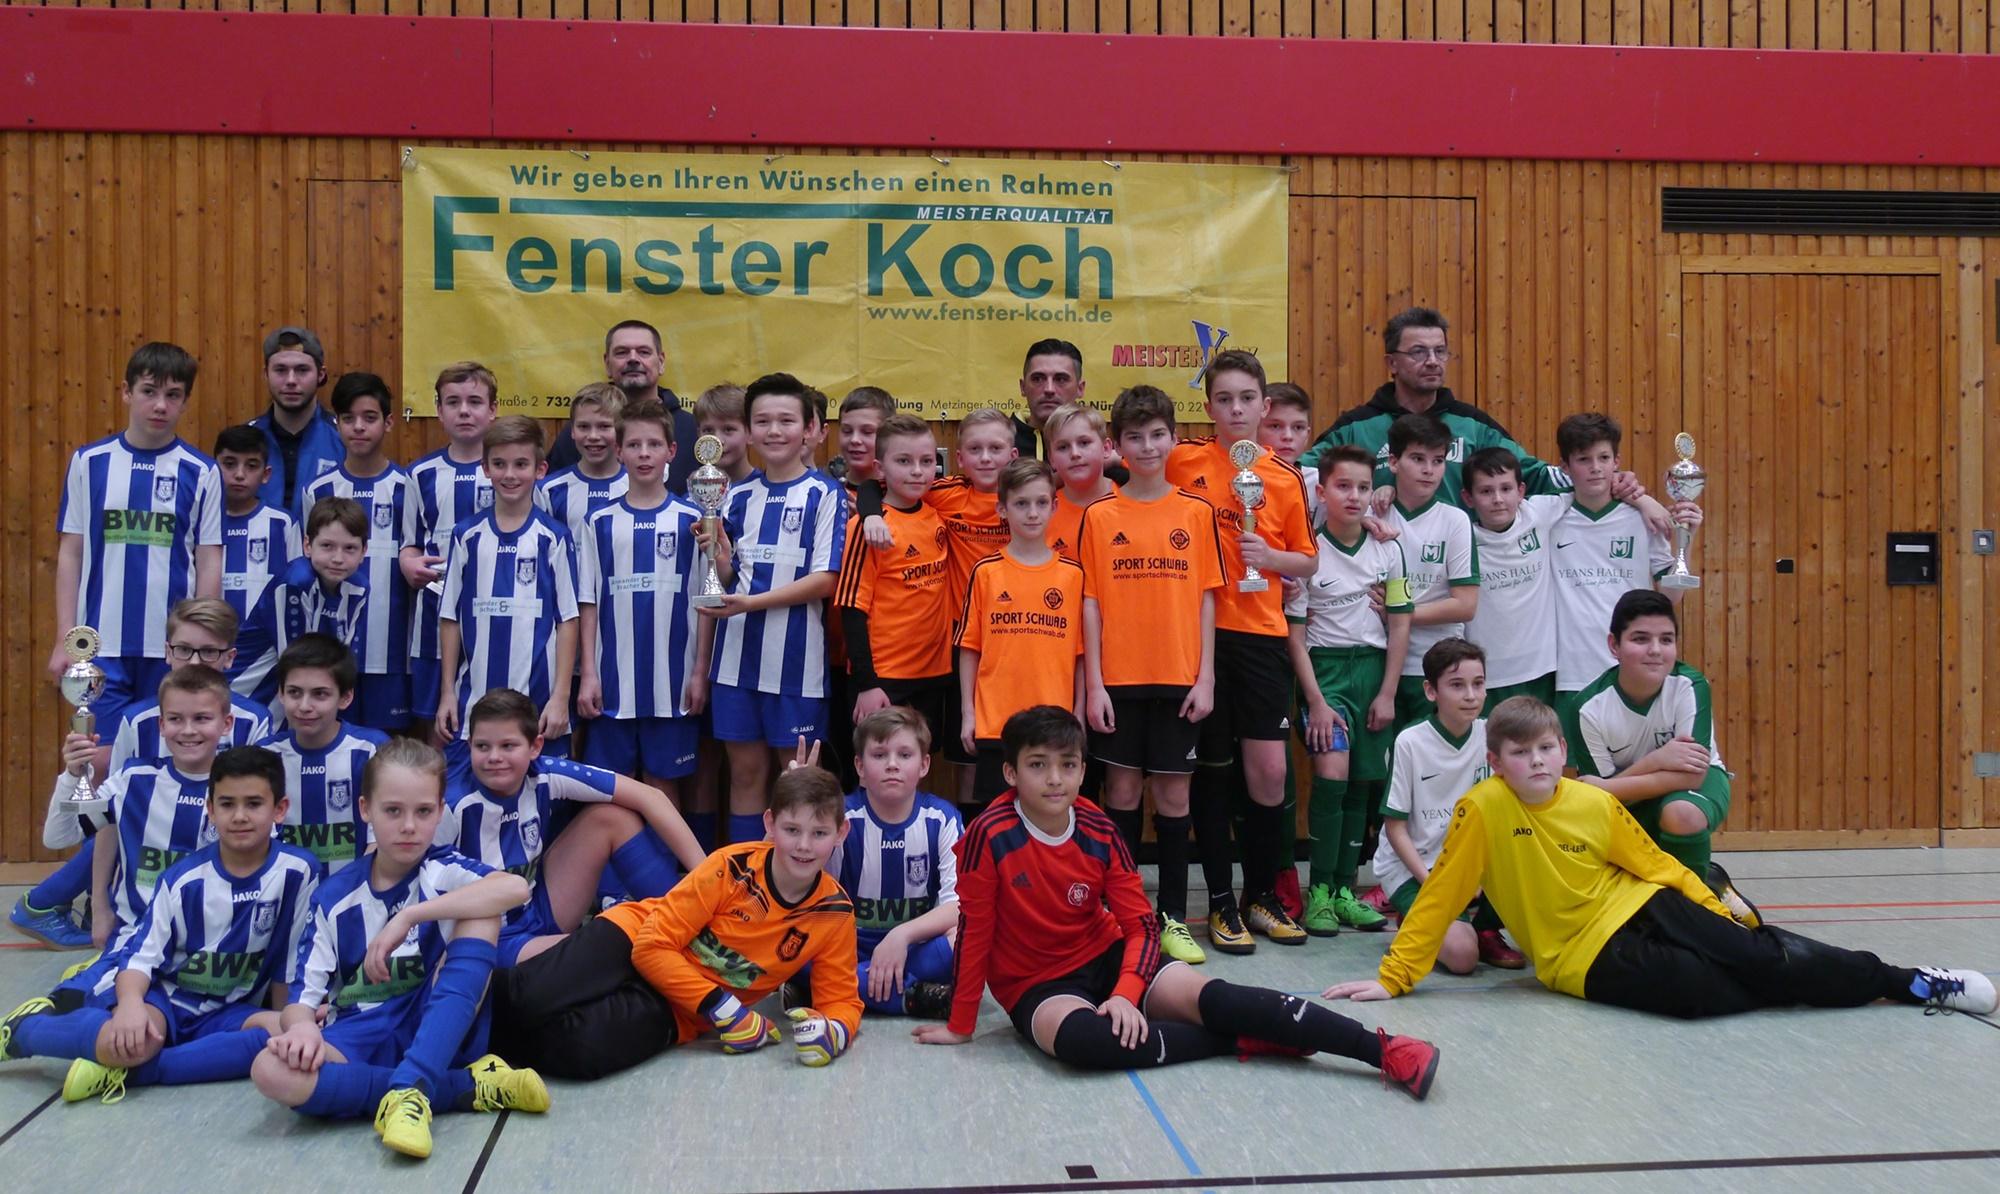 Fenster Koch fenster koch futsal hallen cup 2018 fuß